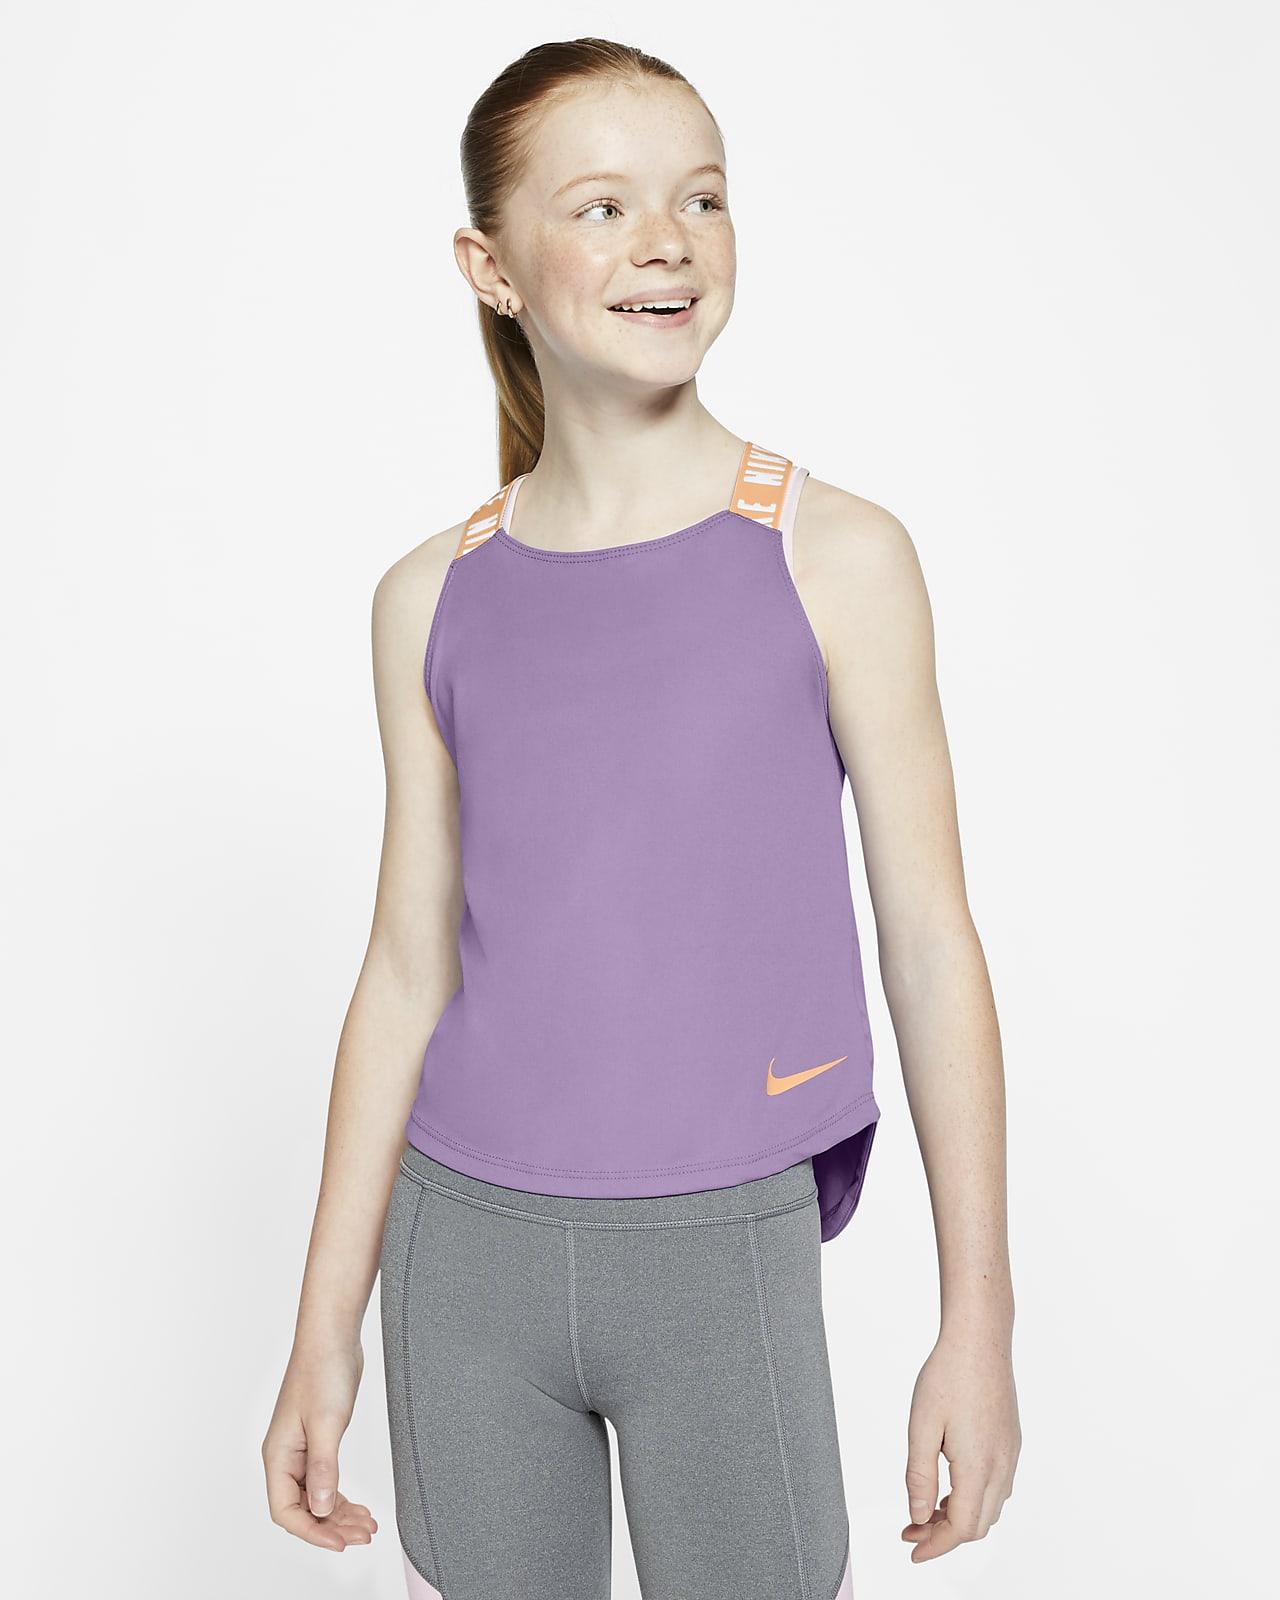 Nike Dri-FIT-træningstanktop til store børn (piger)